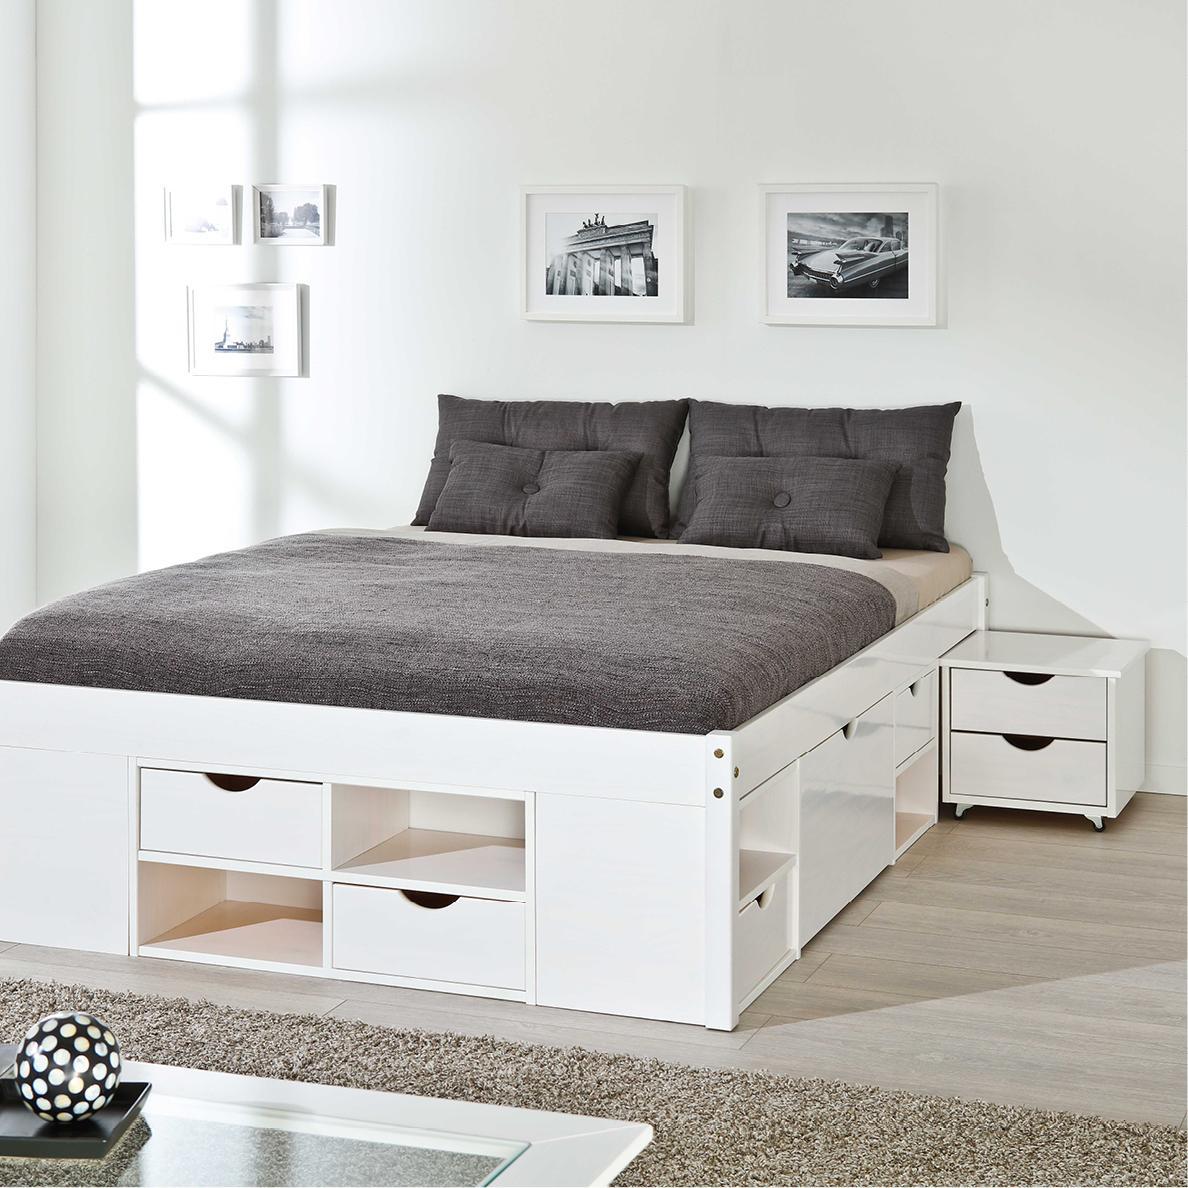 inter link bett funktionsbett doppelbett stauraumbett bett. Black Bedroom Furniture Sets. Home Design Ideas